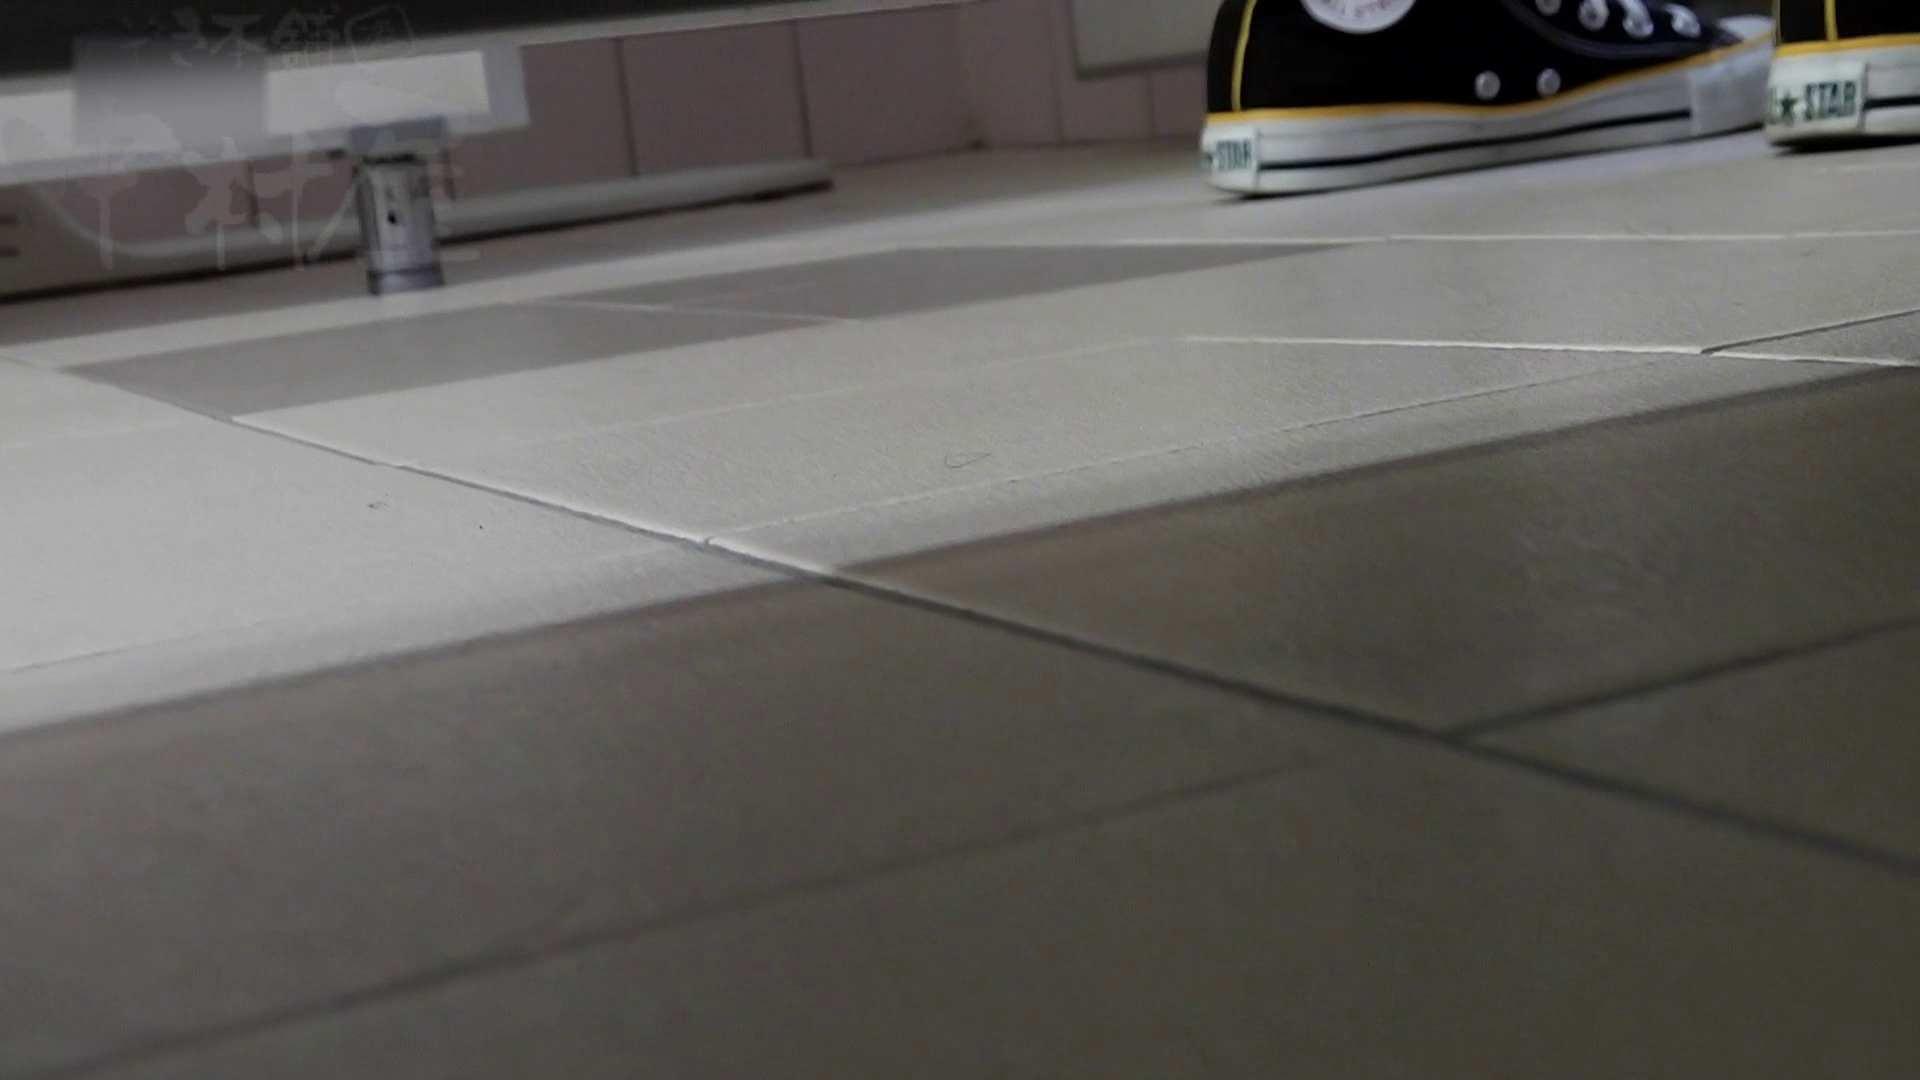 美しい日本の未来 No.06 更に侵入フロント究極な画質 イタズラ動画 オマンコ動画キャプチャ 75PIX 75